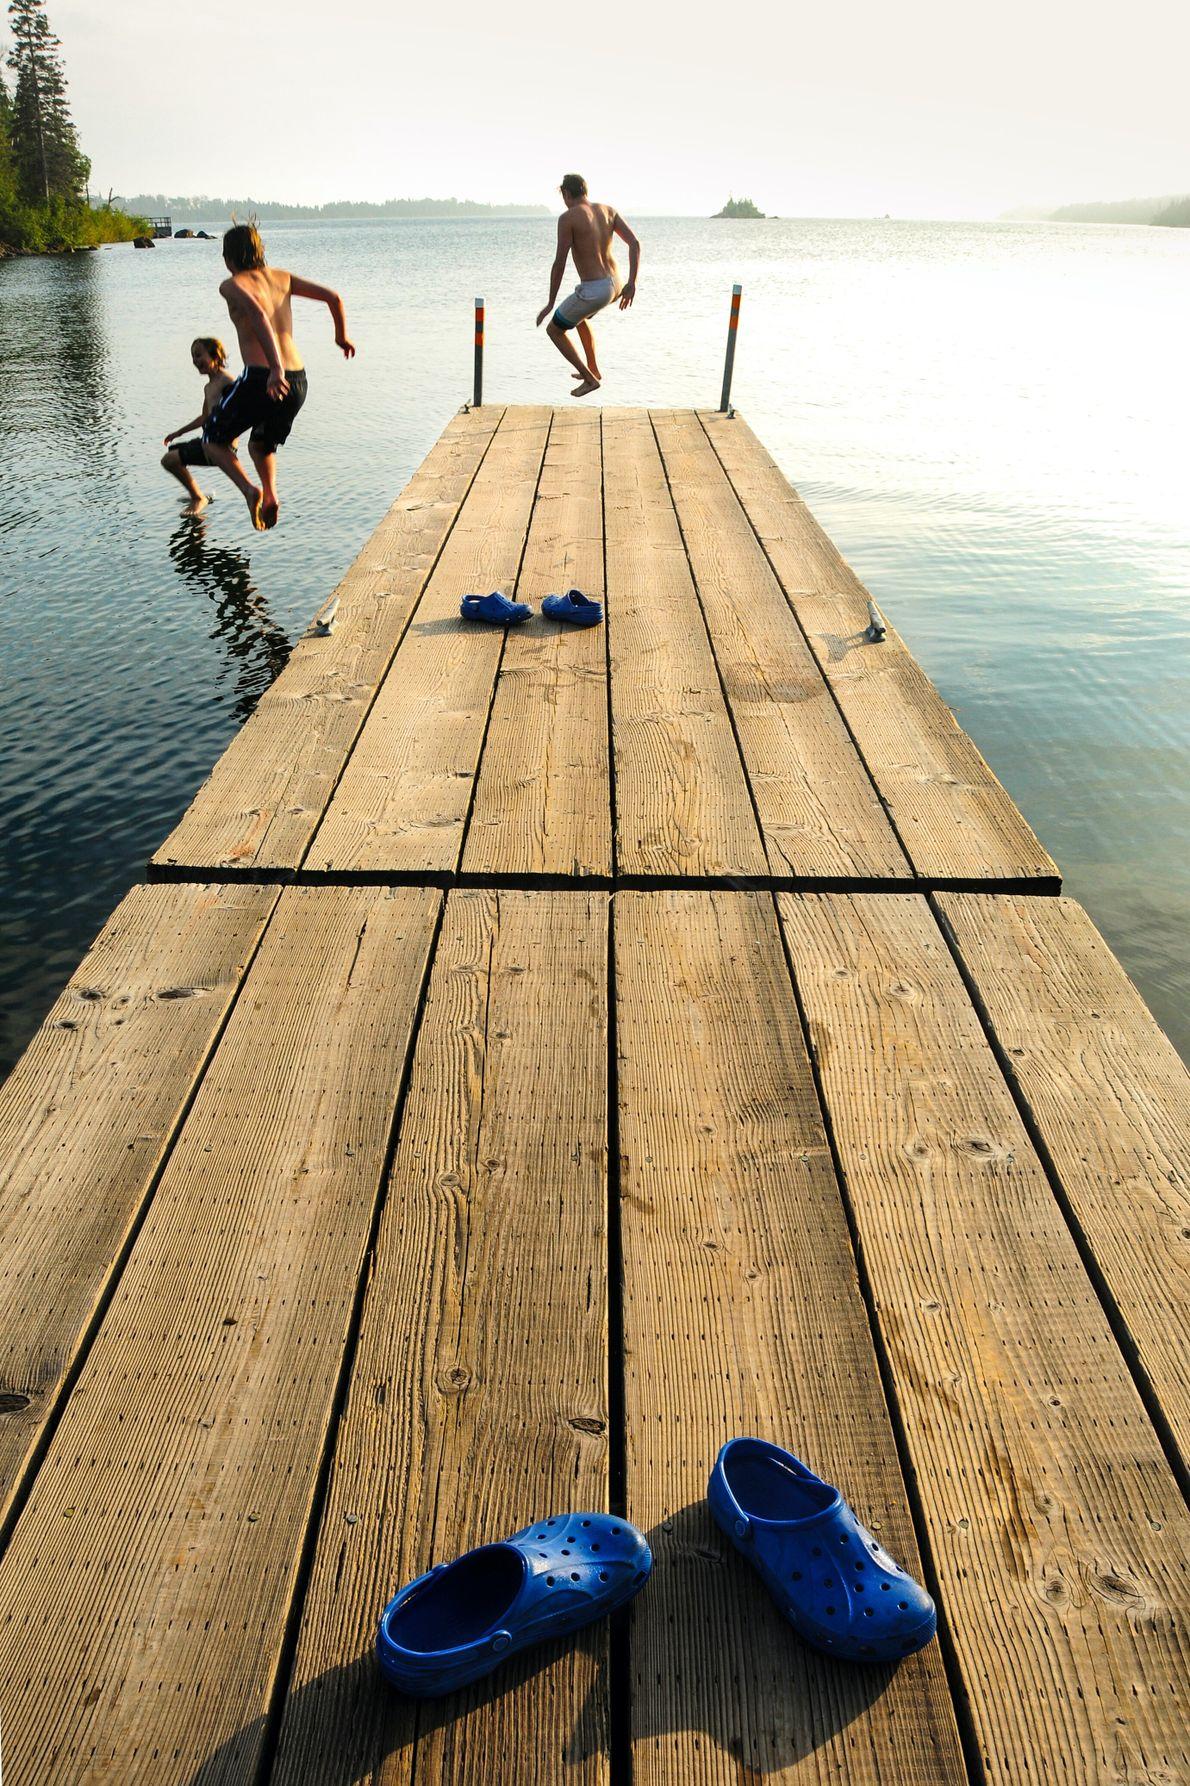 L'Isle Royale, États-Unis. Plongeons dans les eaux du lac Supérieur, dans le parc national d'Isle Royale.